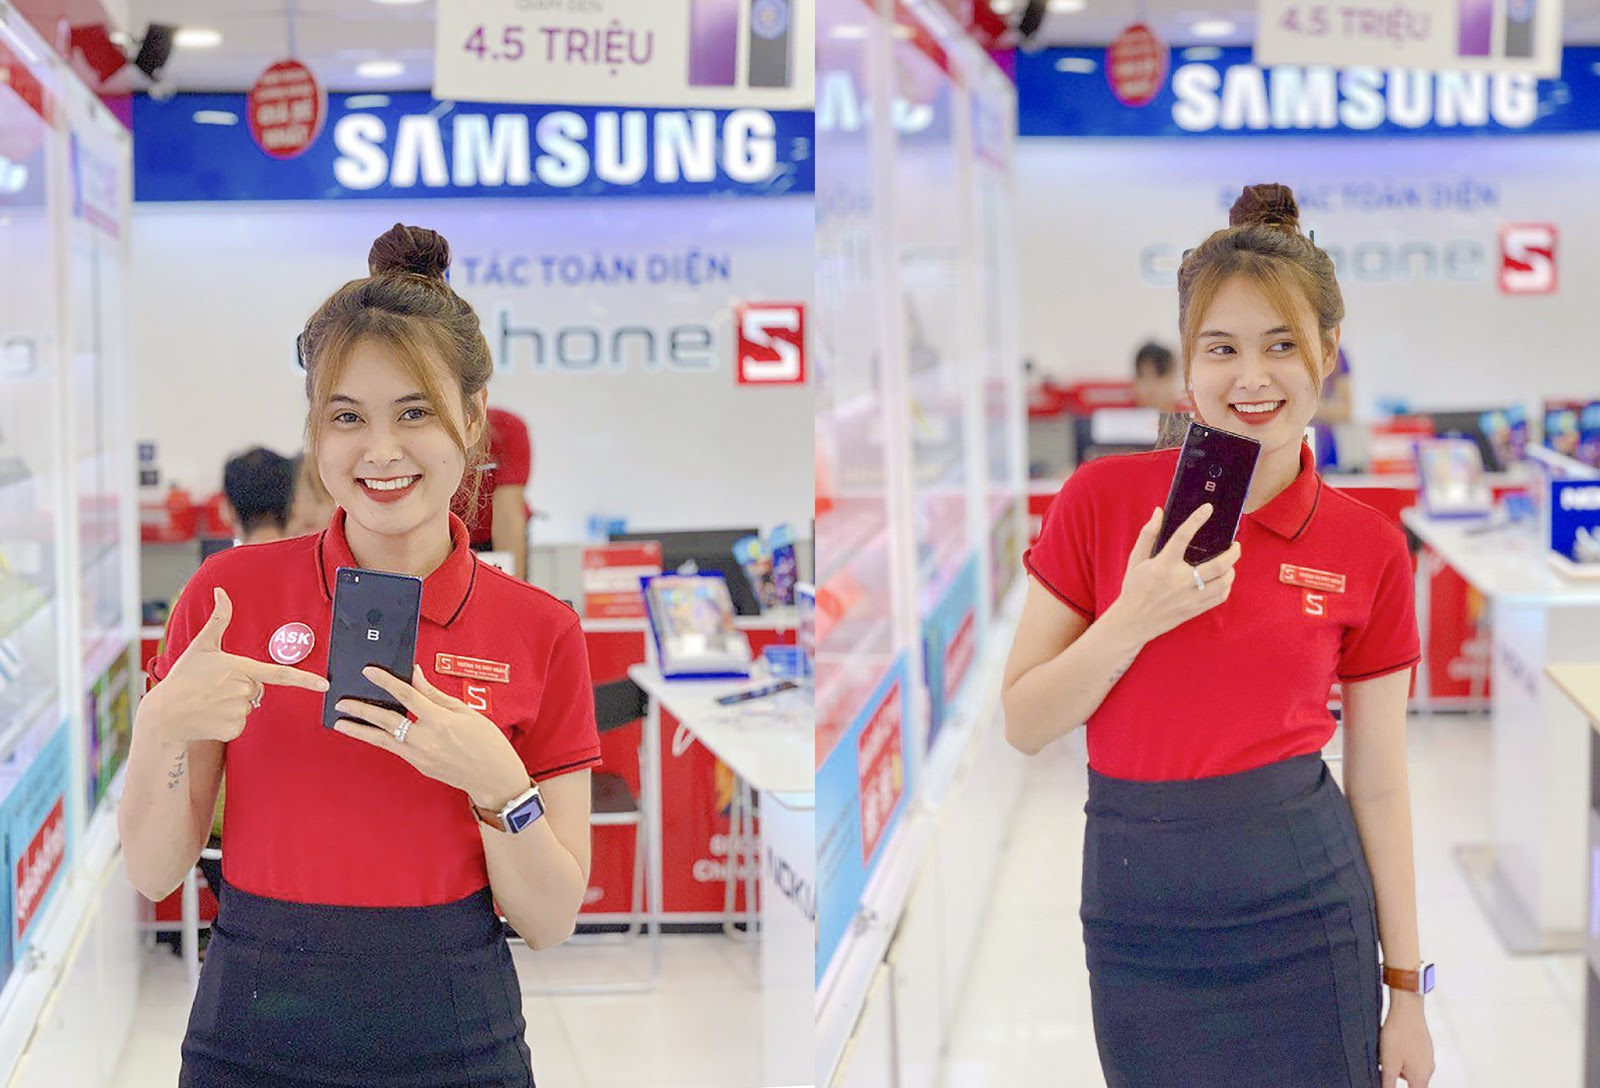 Thực hư thông tin CellphoneS bất ngờ mở bán Bphone 3 tại hệ thống?